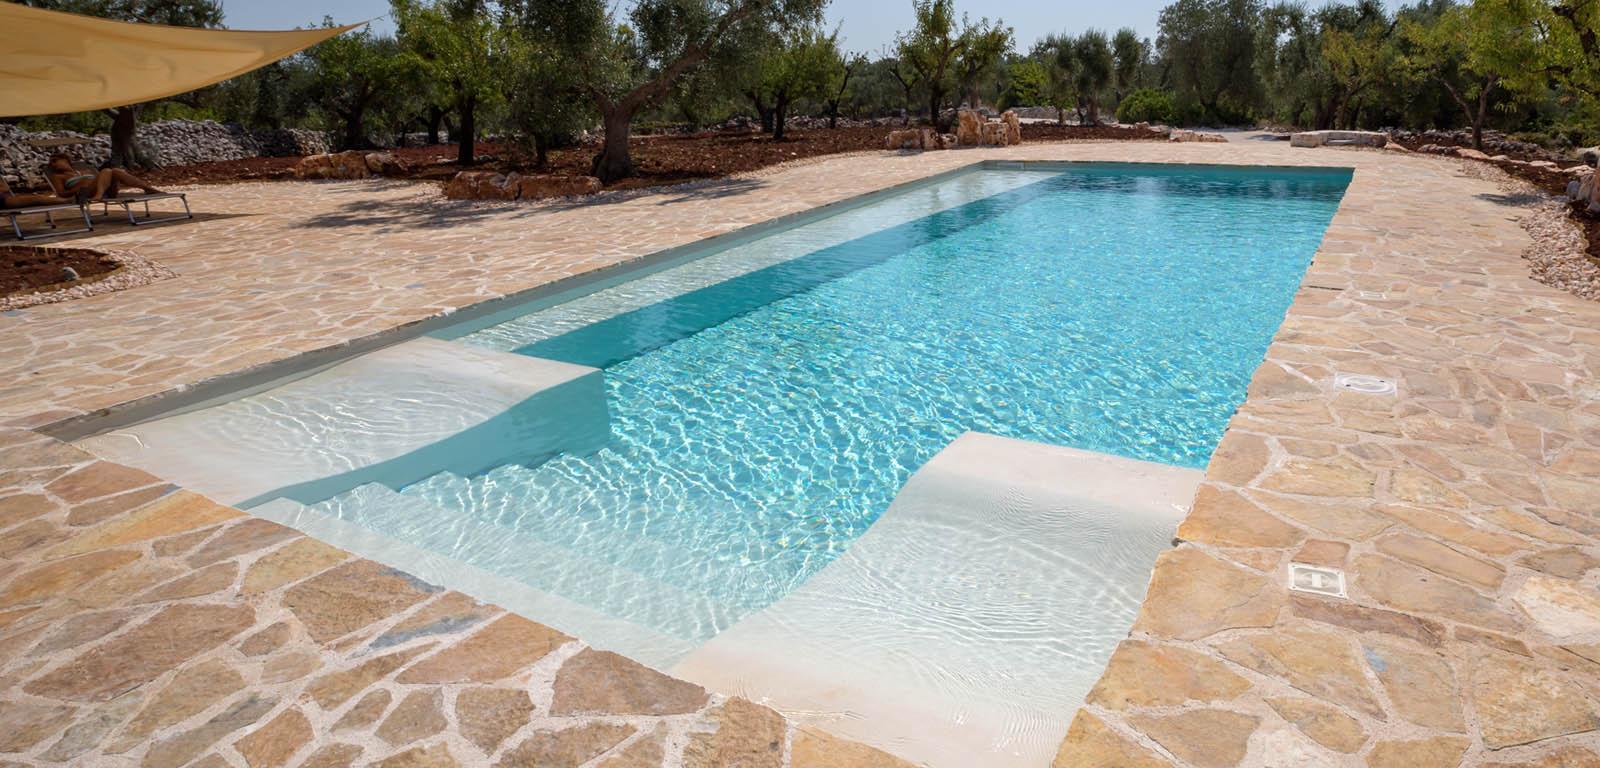 Piscine con rivestimento bianco piscine castiglione for Piastrelle per interno piscina